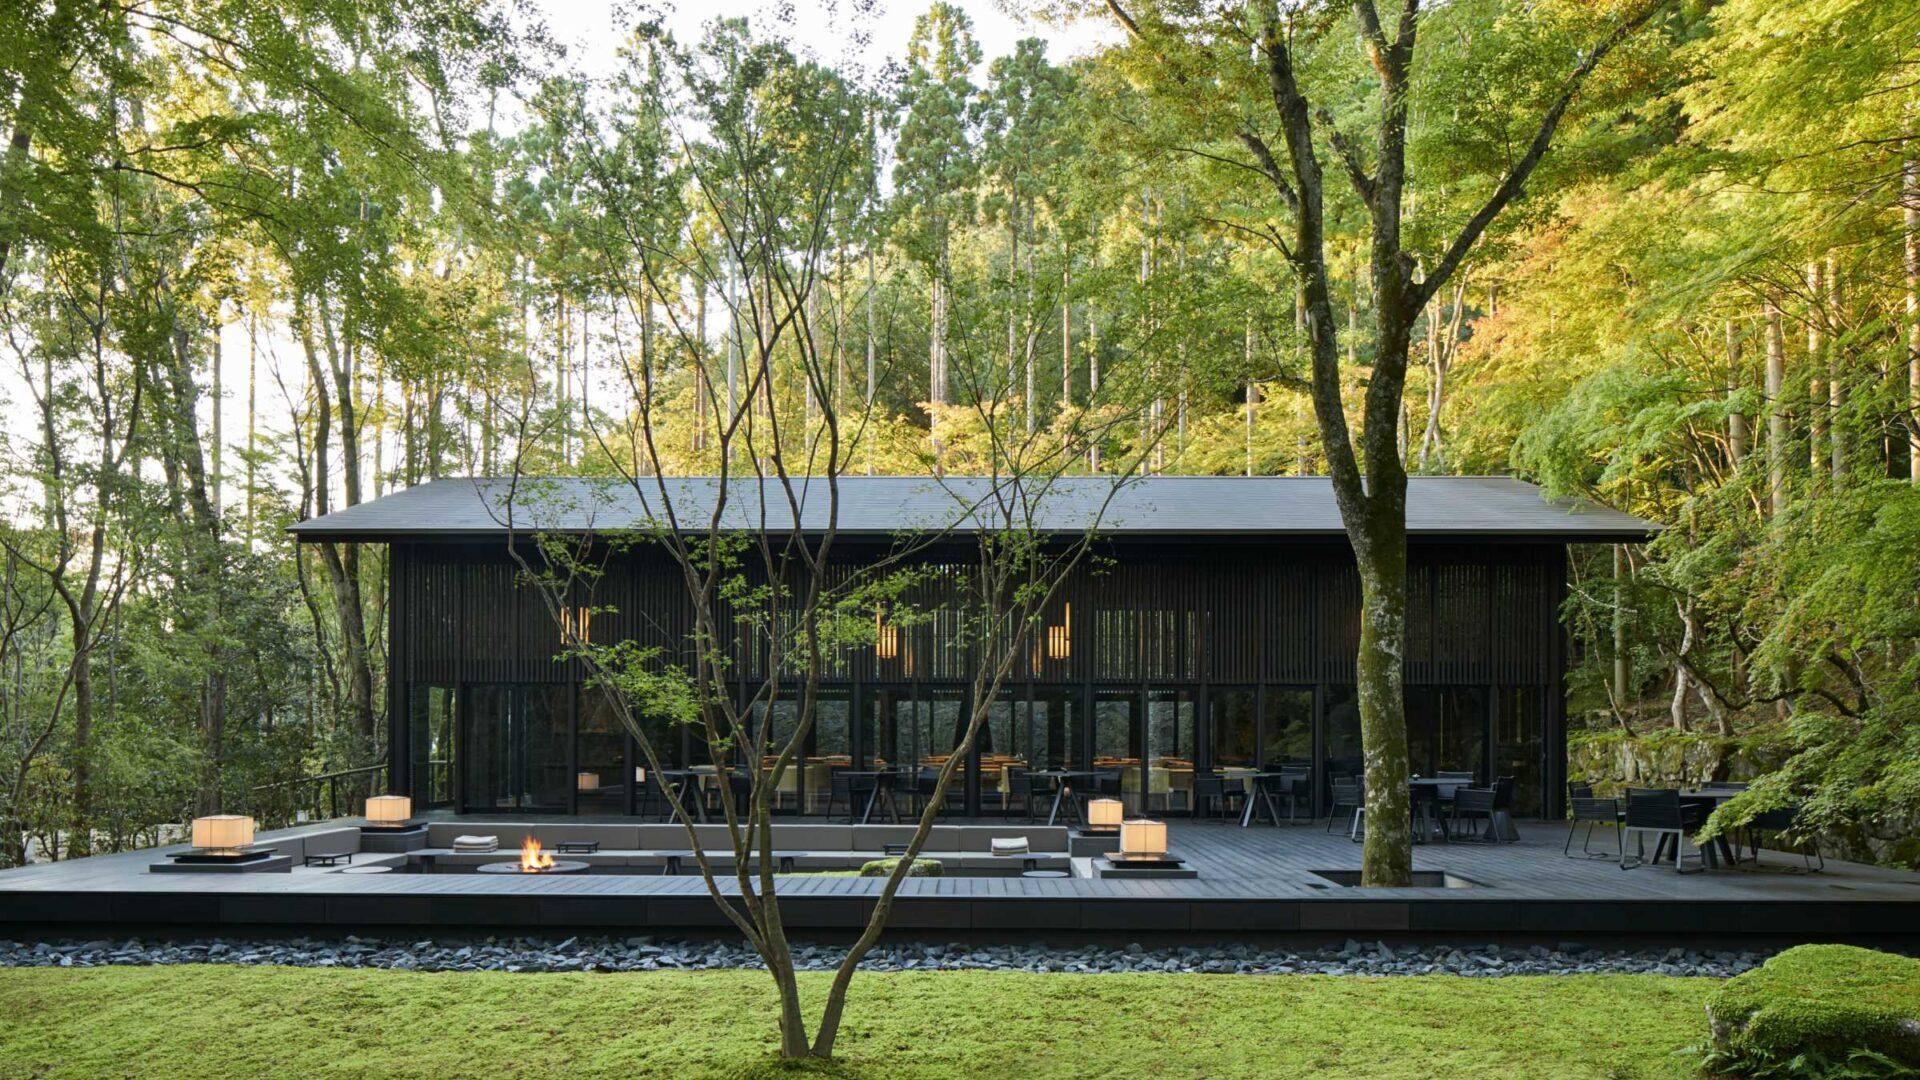 Leśne sanktuarium zen zawieszone w czasie i przestrzeni